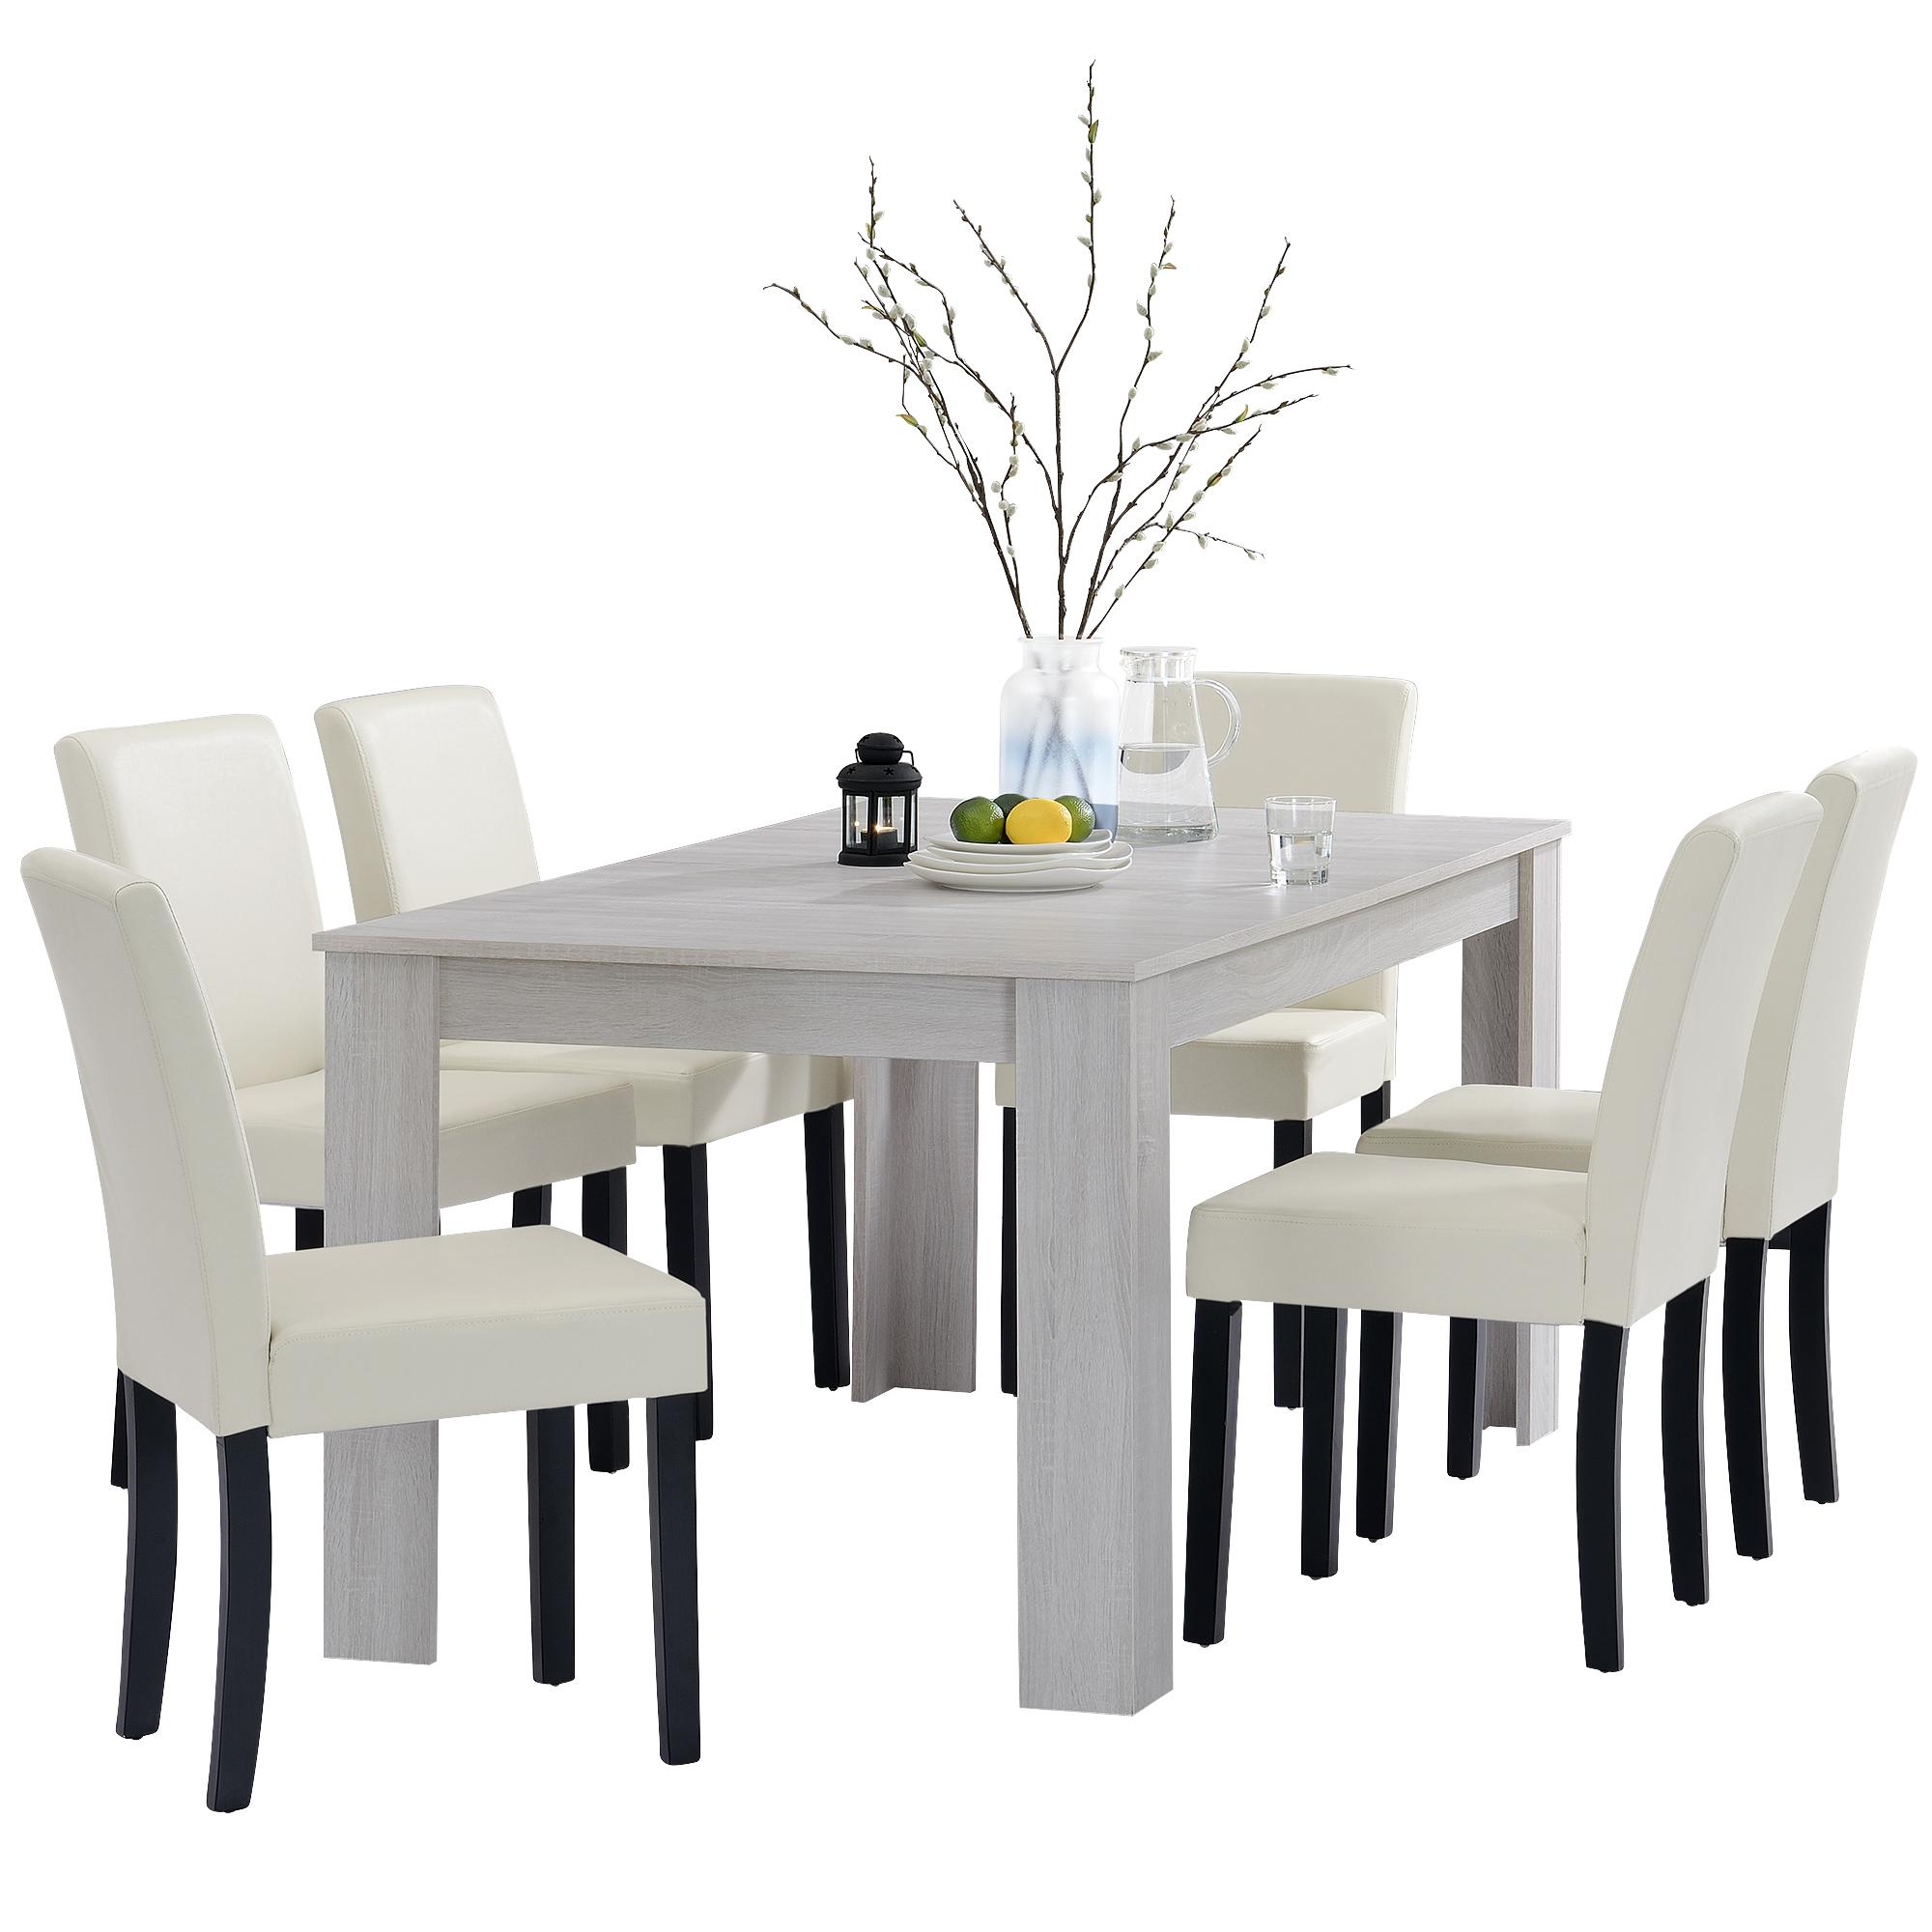 Detalles de [en.casa]® Set comedor mesa 160x90 roble blanco + 6 sillas  crema tapizadas